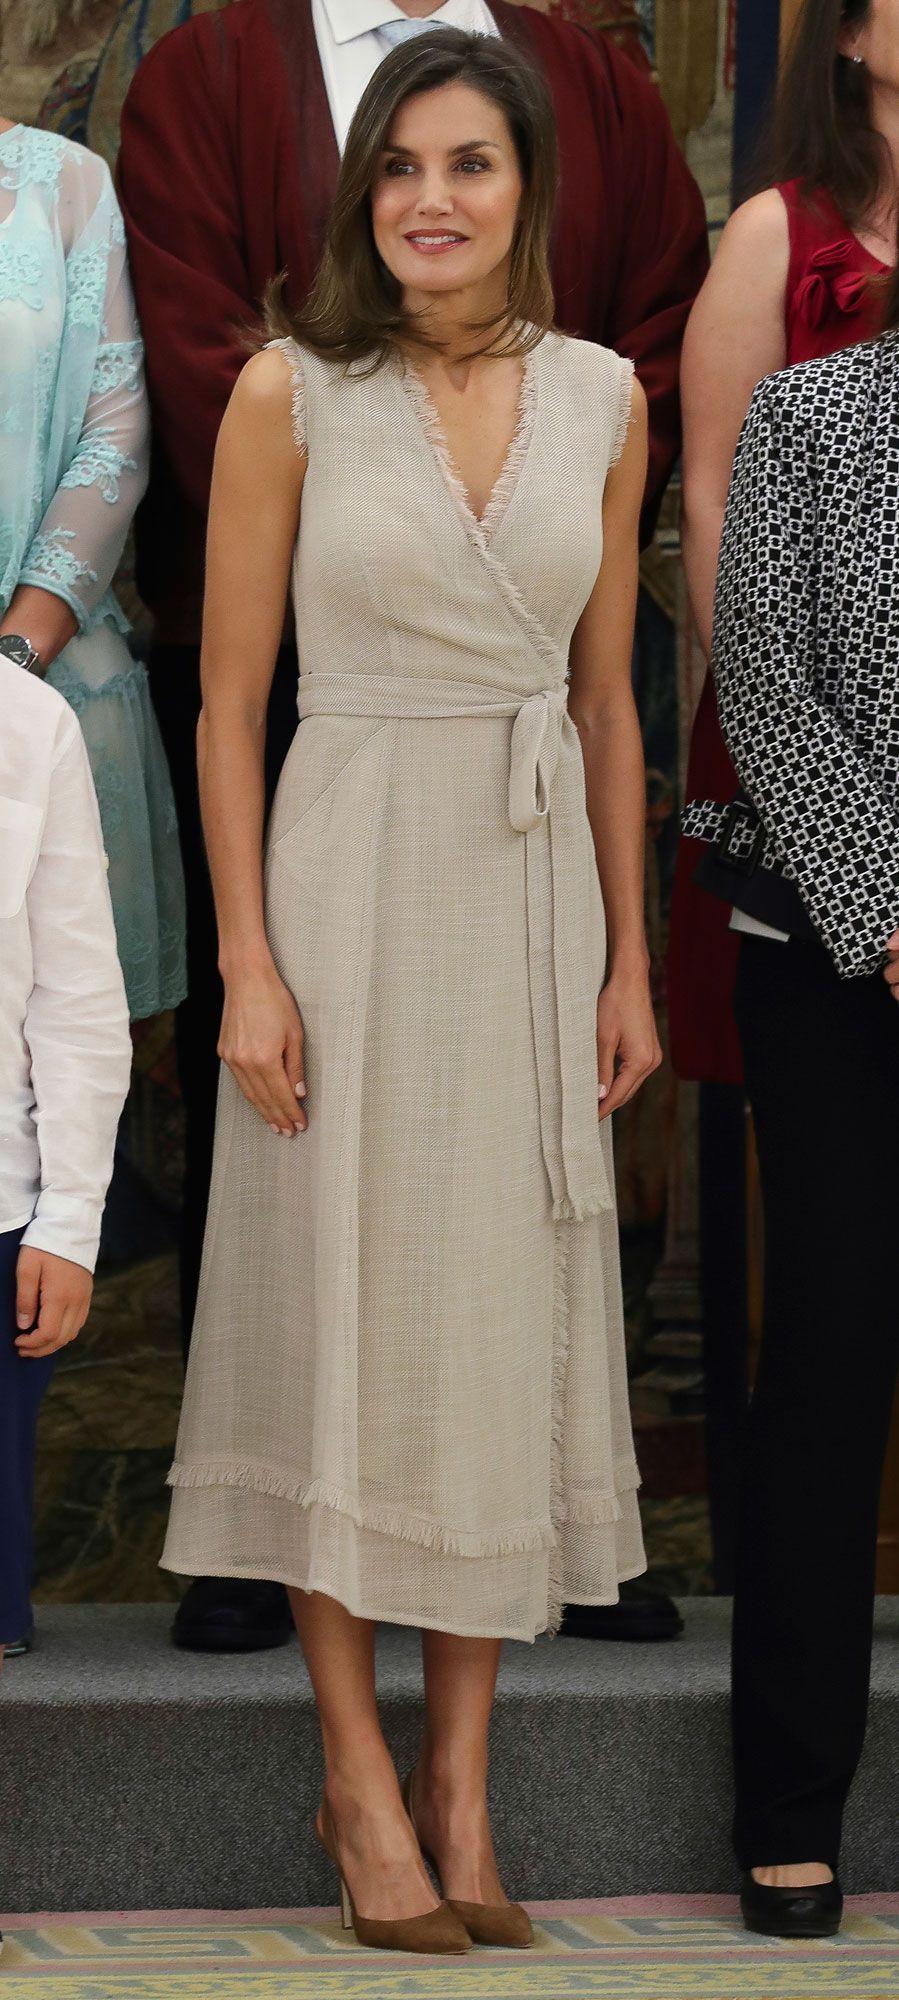 909e15b8d La Reina Letizia estrena el vestido cruzado del verano que tú también  querrás- RevistaDiezminu